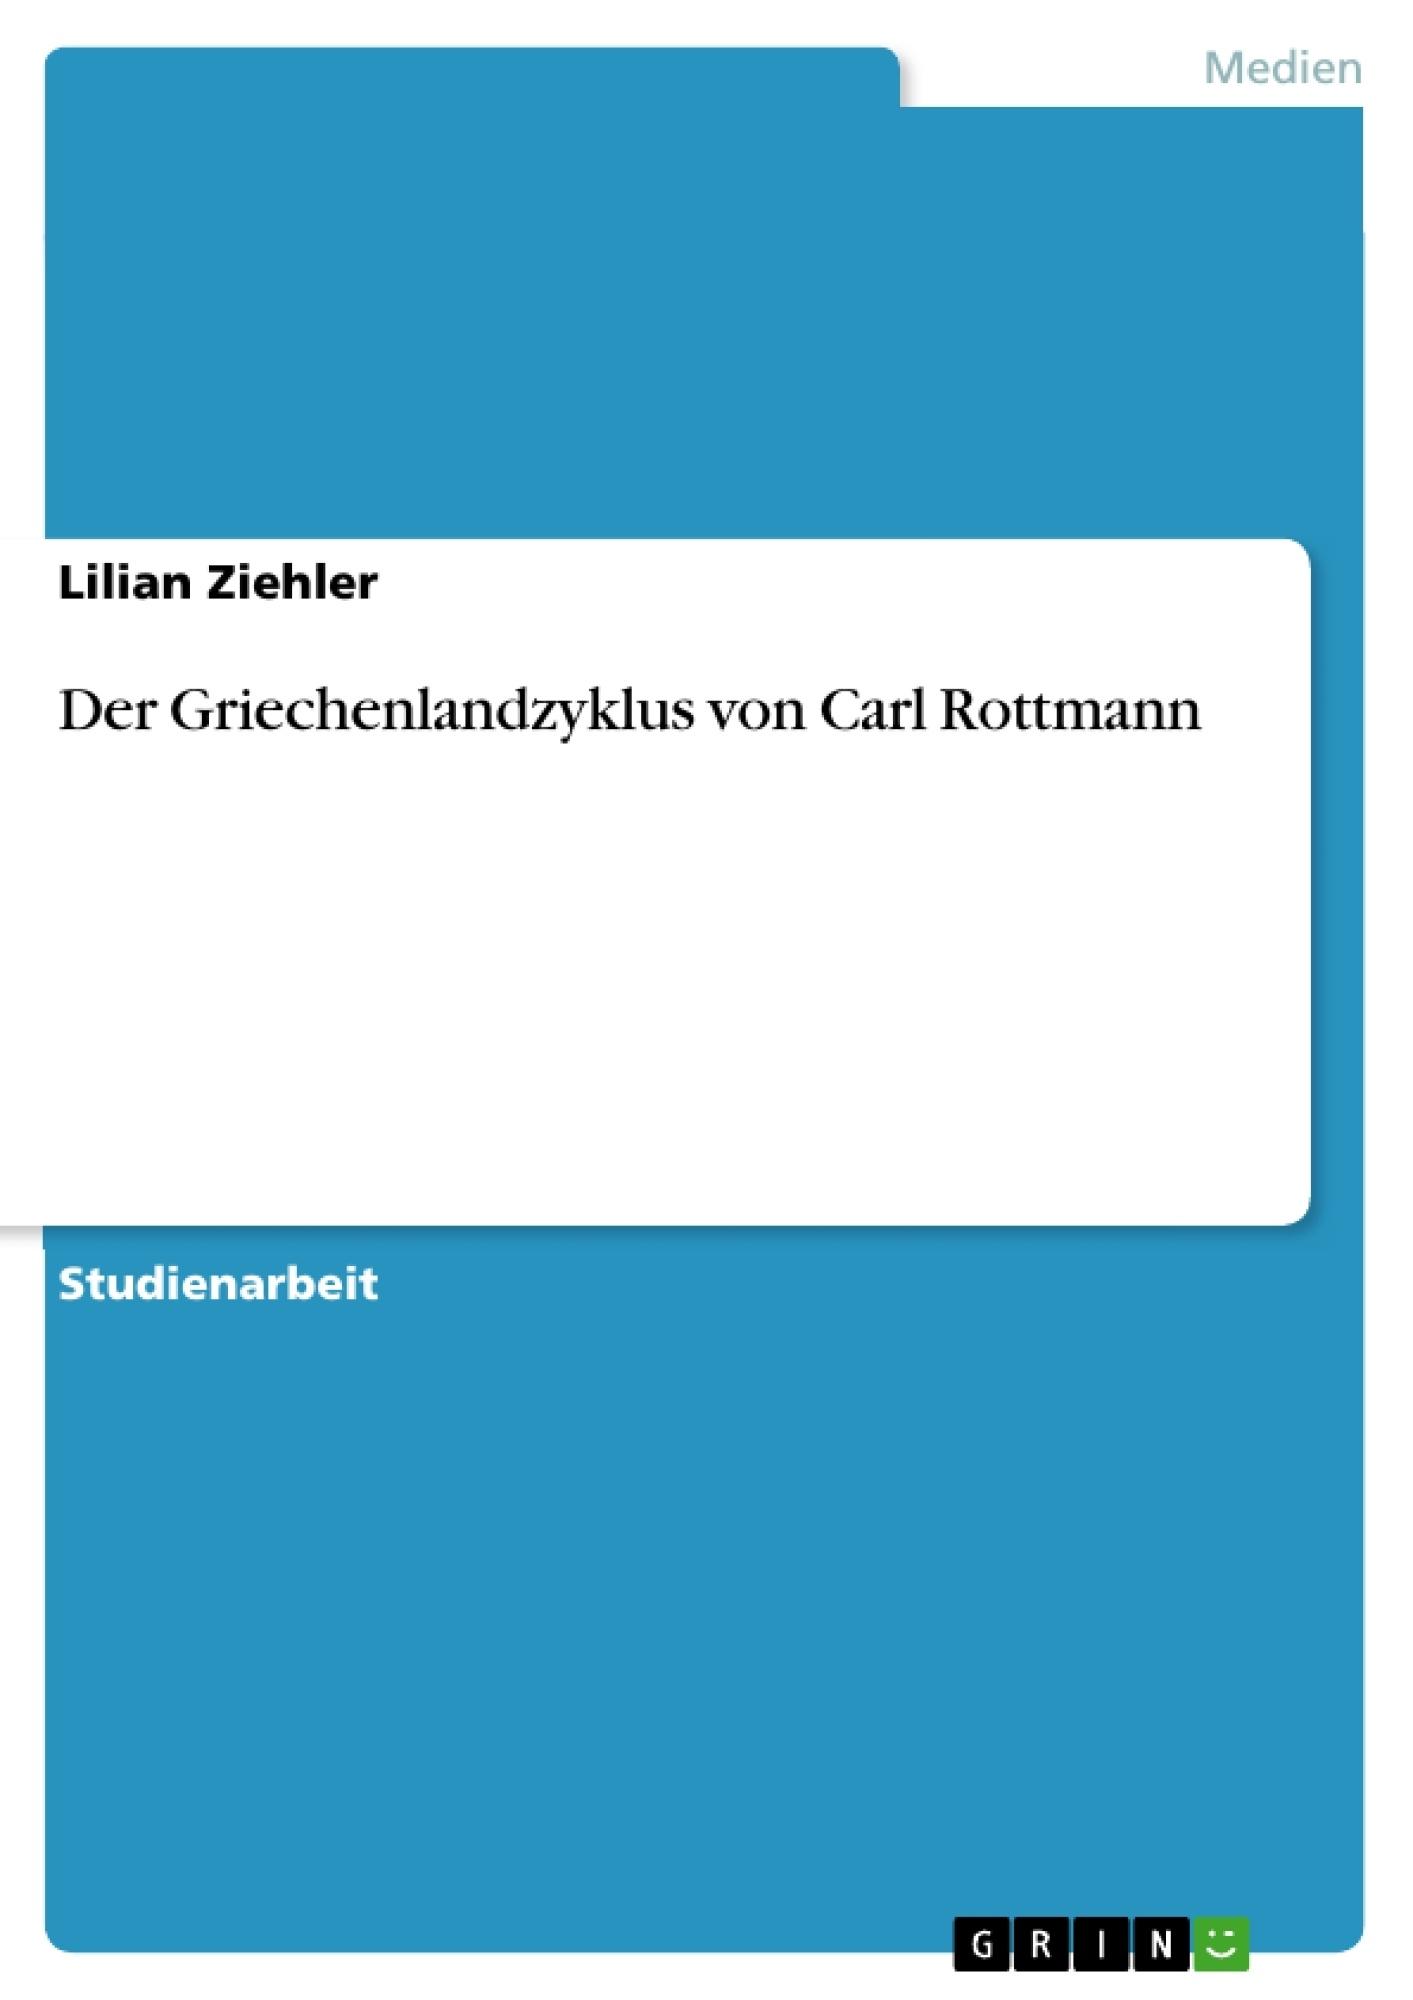 Titel: Der Griechenlandzyklus von Carl Rottmann